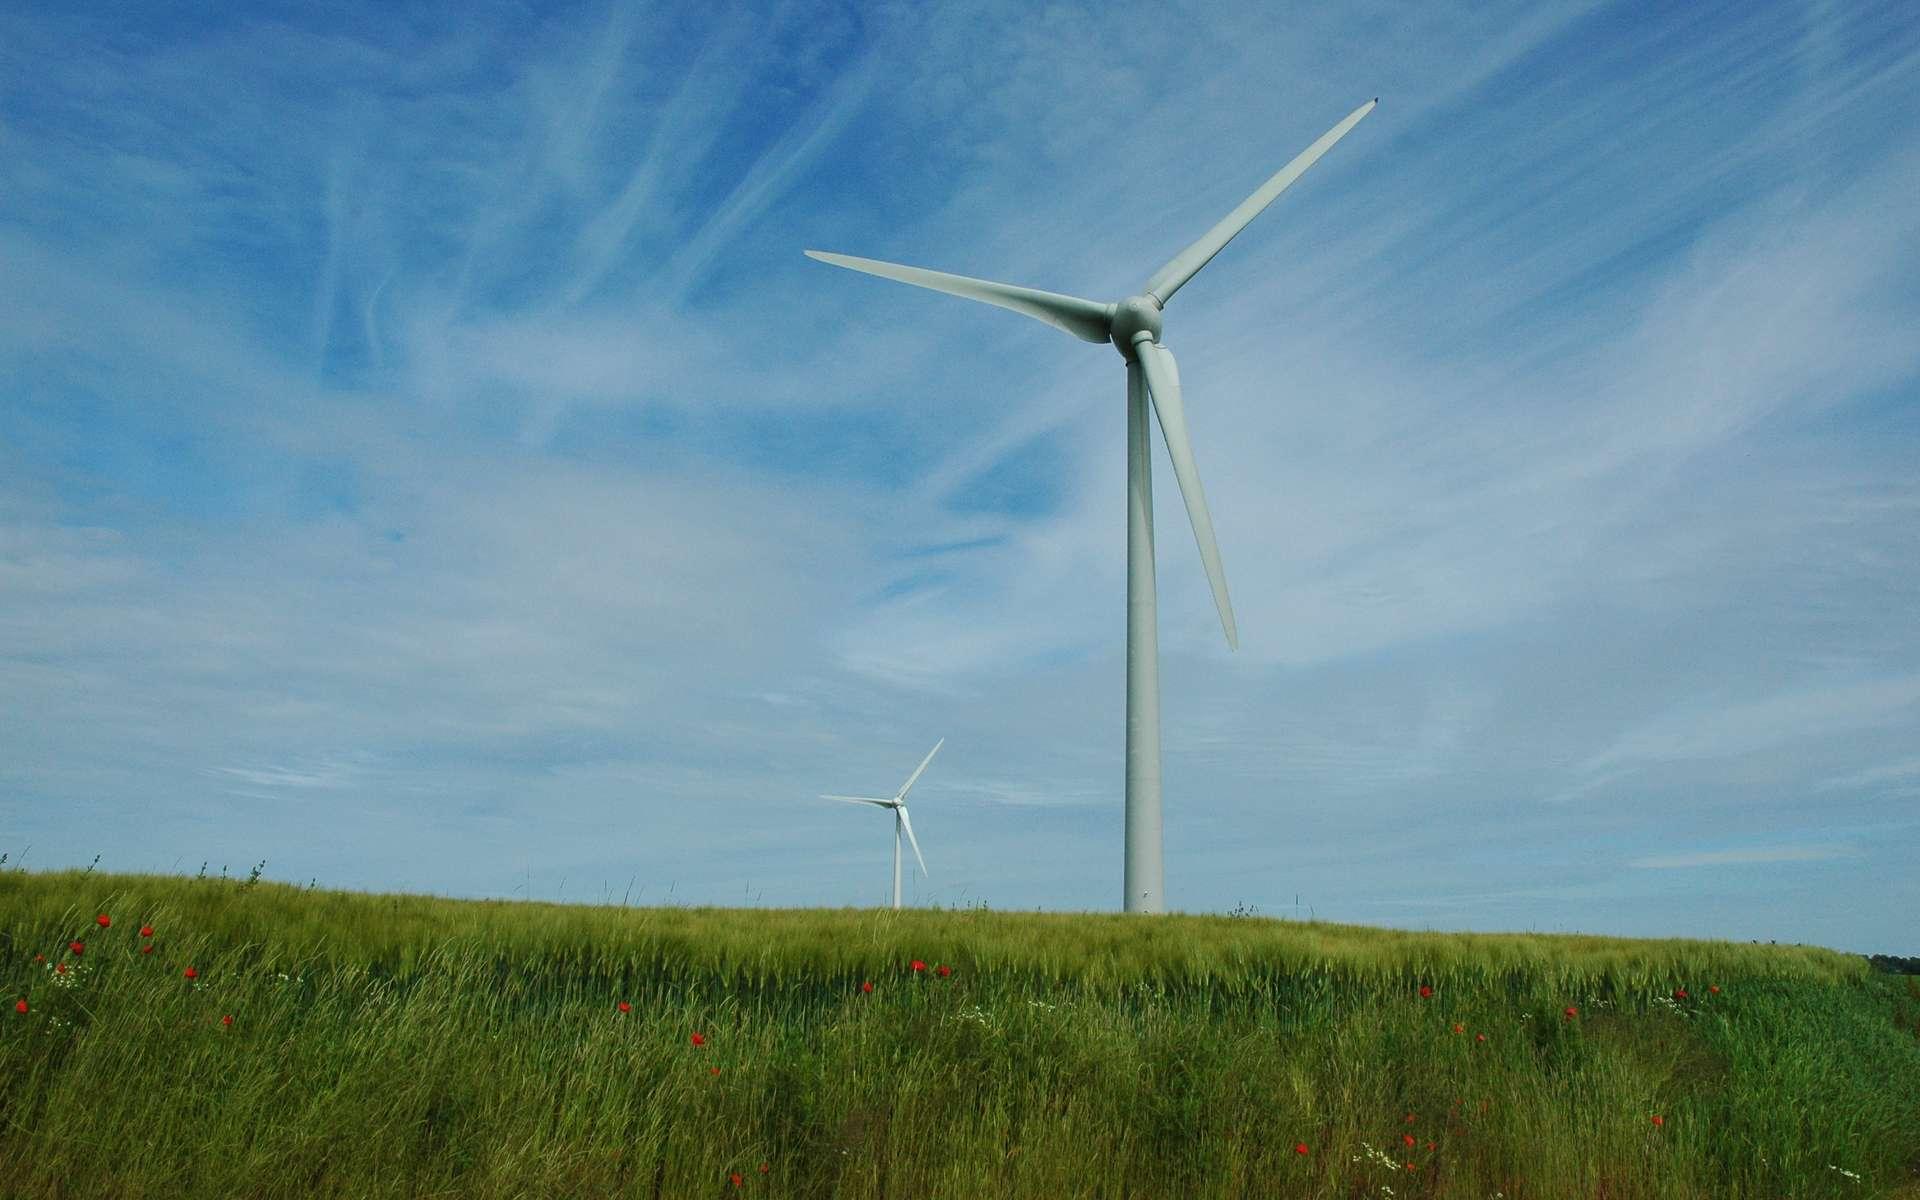 En image, une éolienne. D'ici 2020, l'énergie éolienne devrait produire jusqu'à 10 % de l'énergie électrique, en France. © isamiga76, Flickr, cc by 2.0